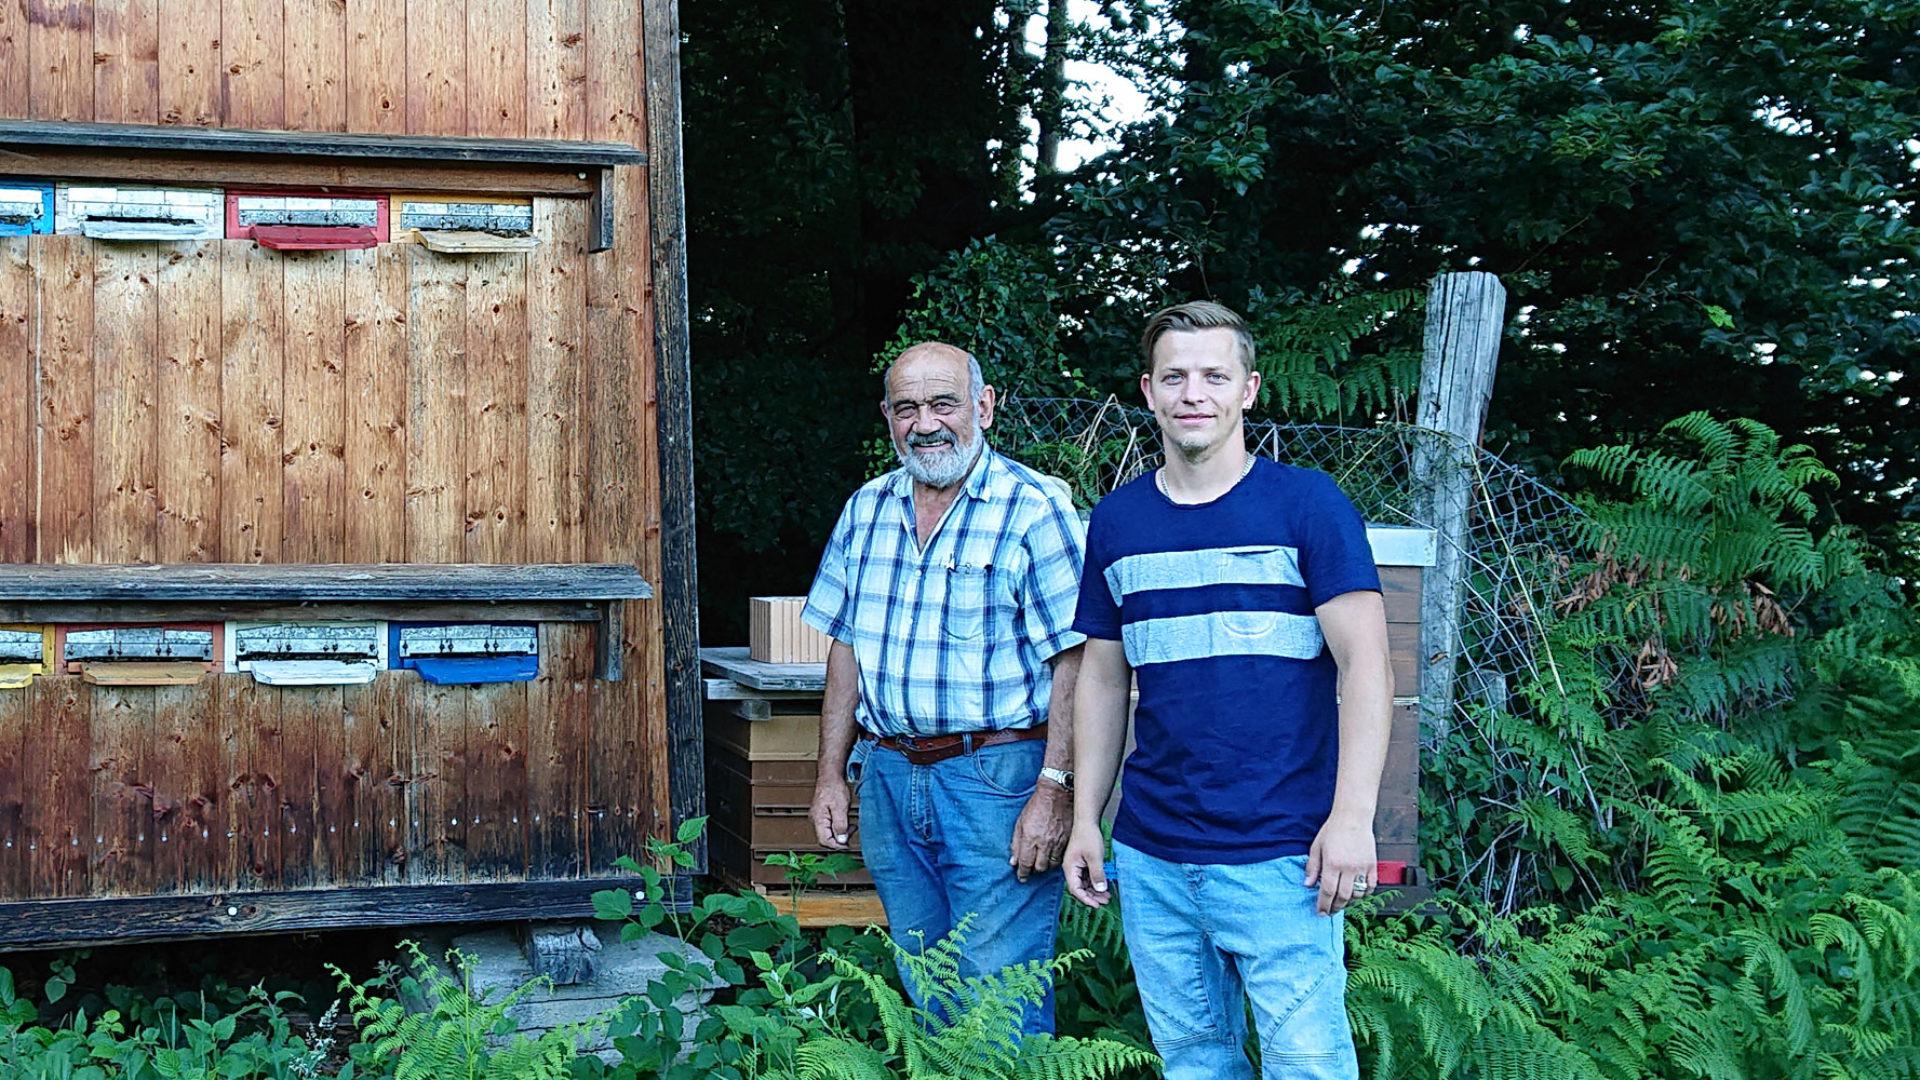 Imker Werner und Jsmael